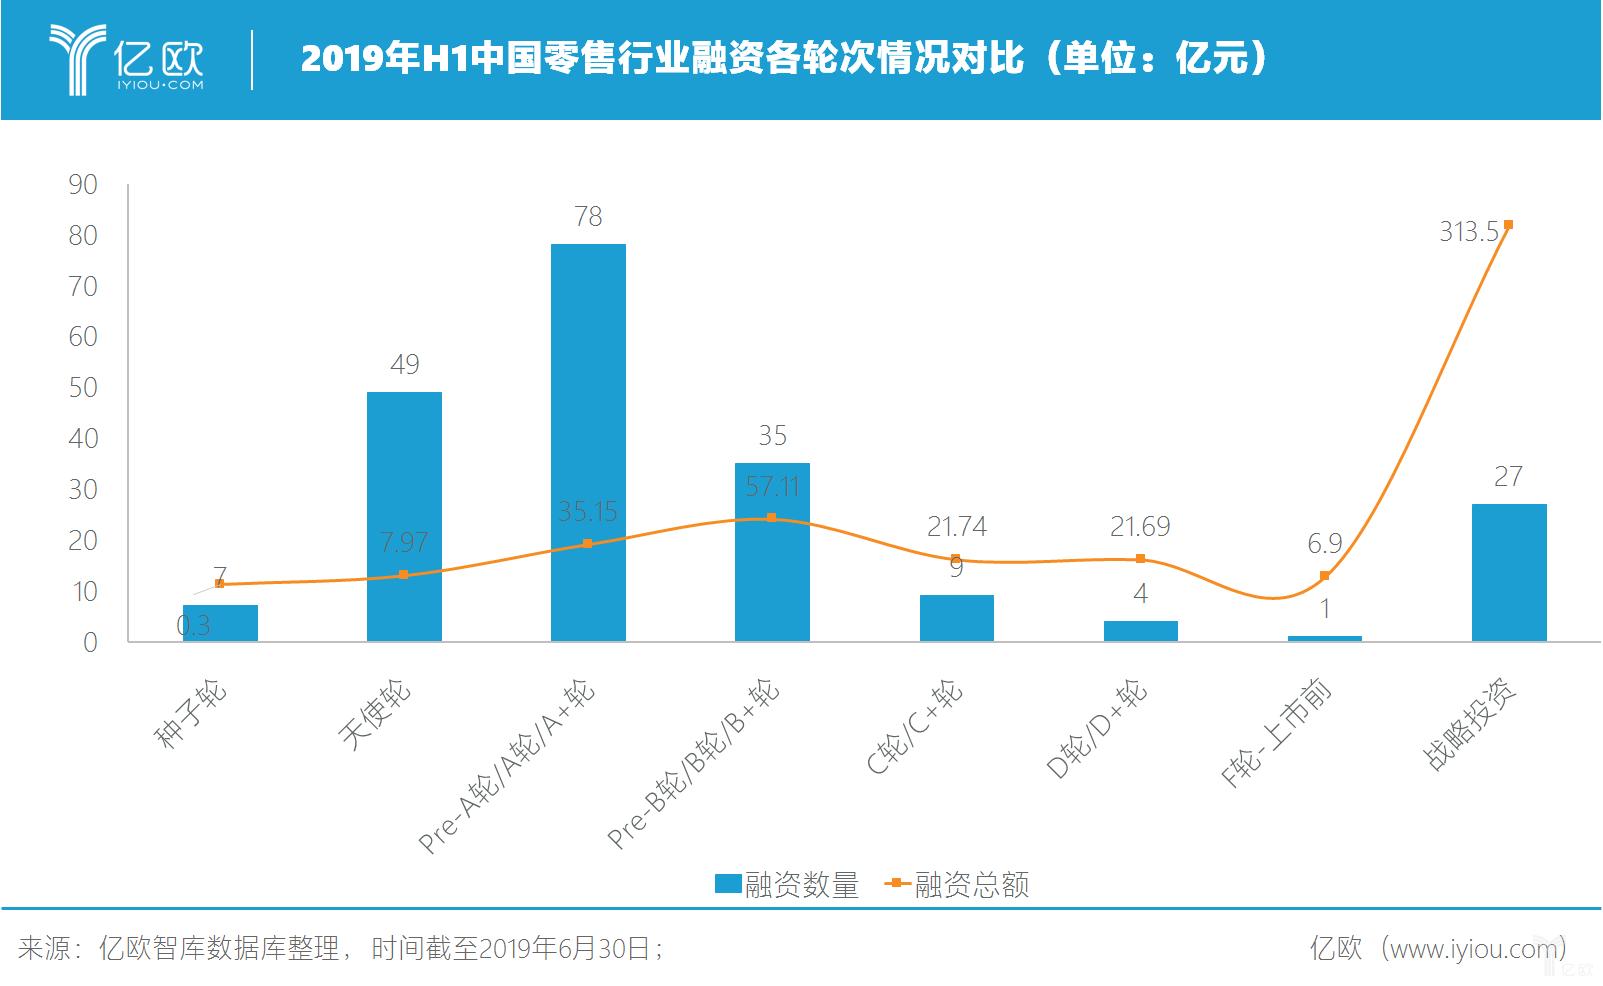 2019年H1中国零售行业融资各轮次情况对比(单位:亿元)